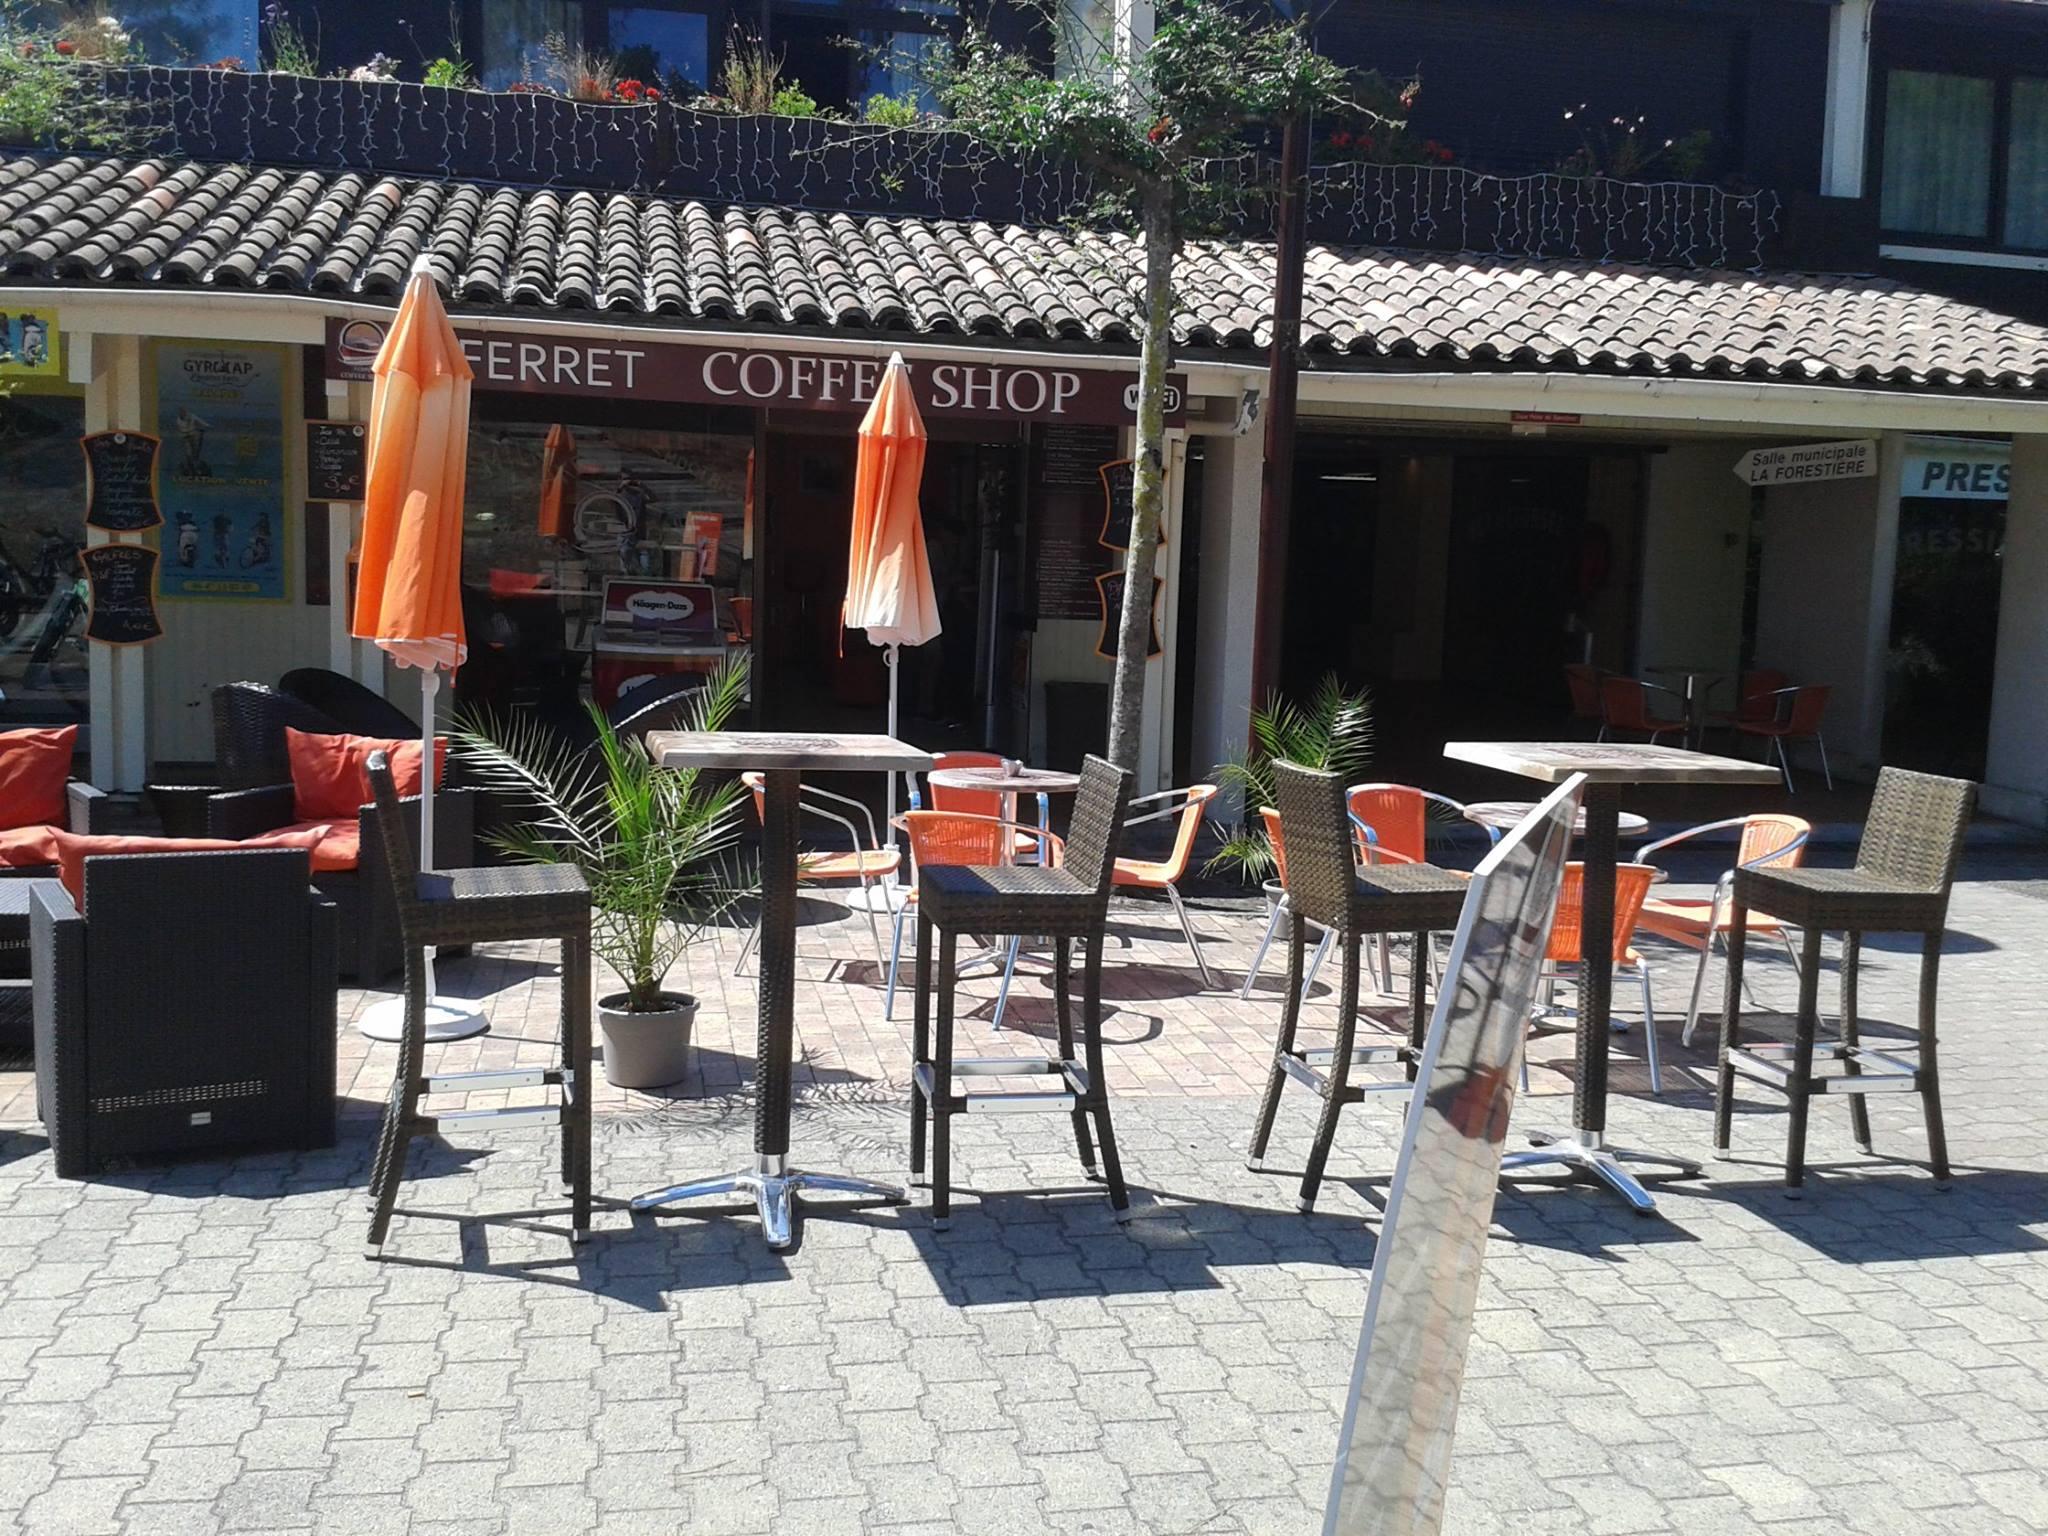 Ferret Coffee Shop